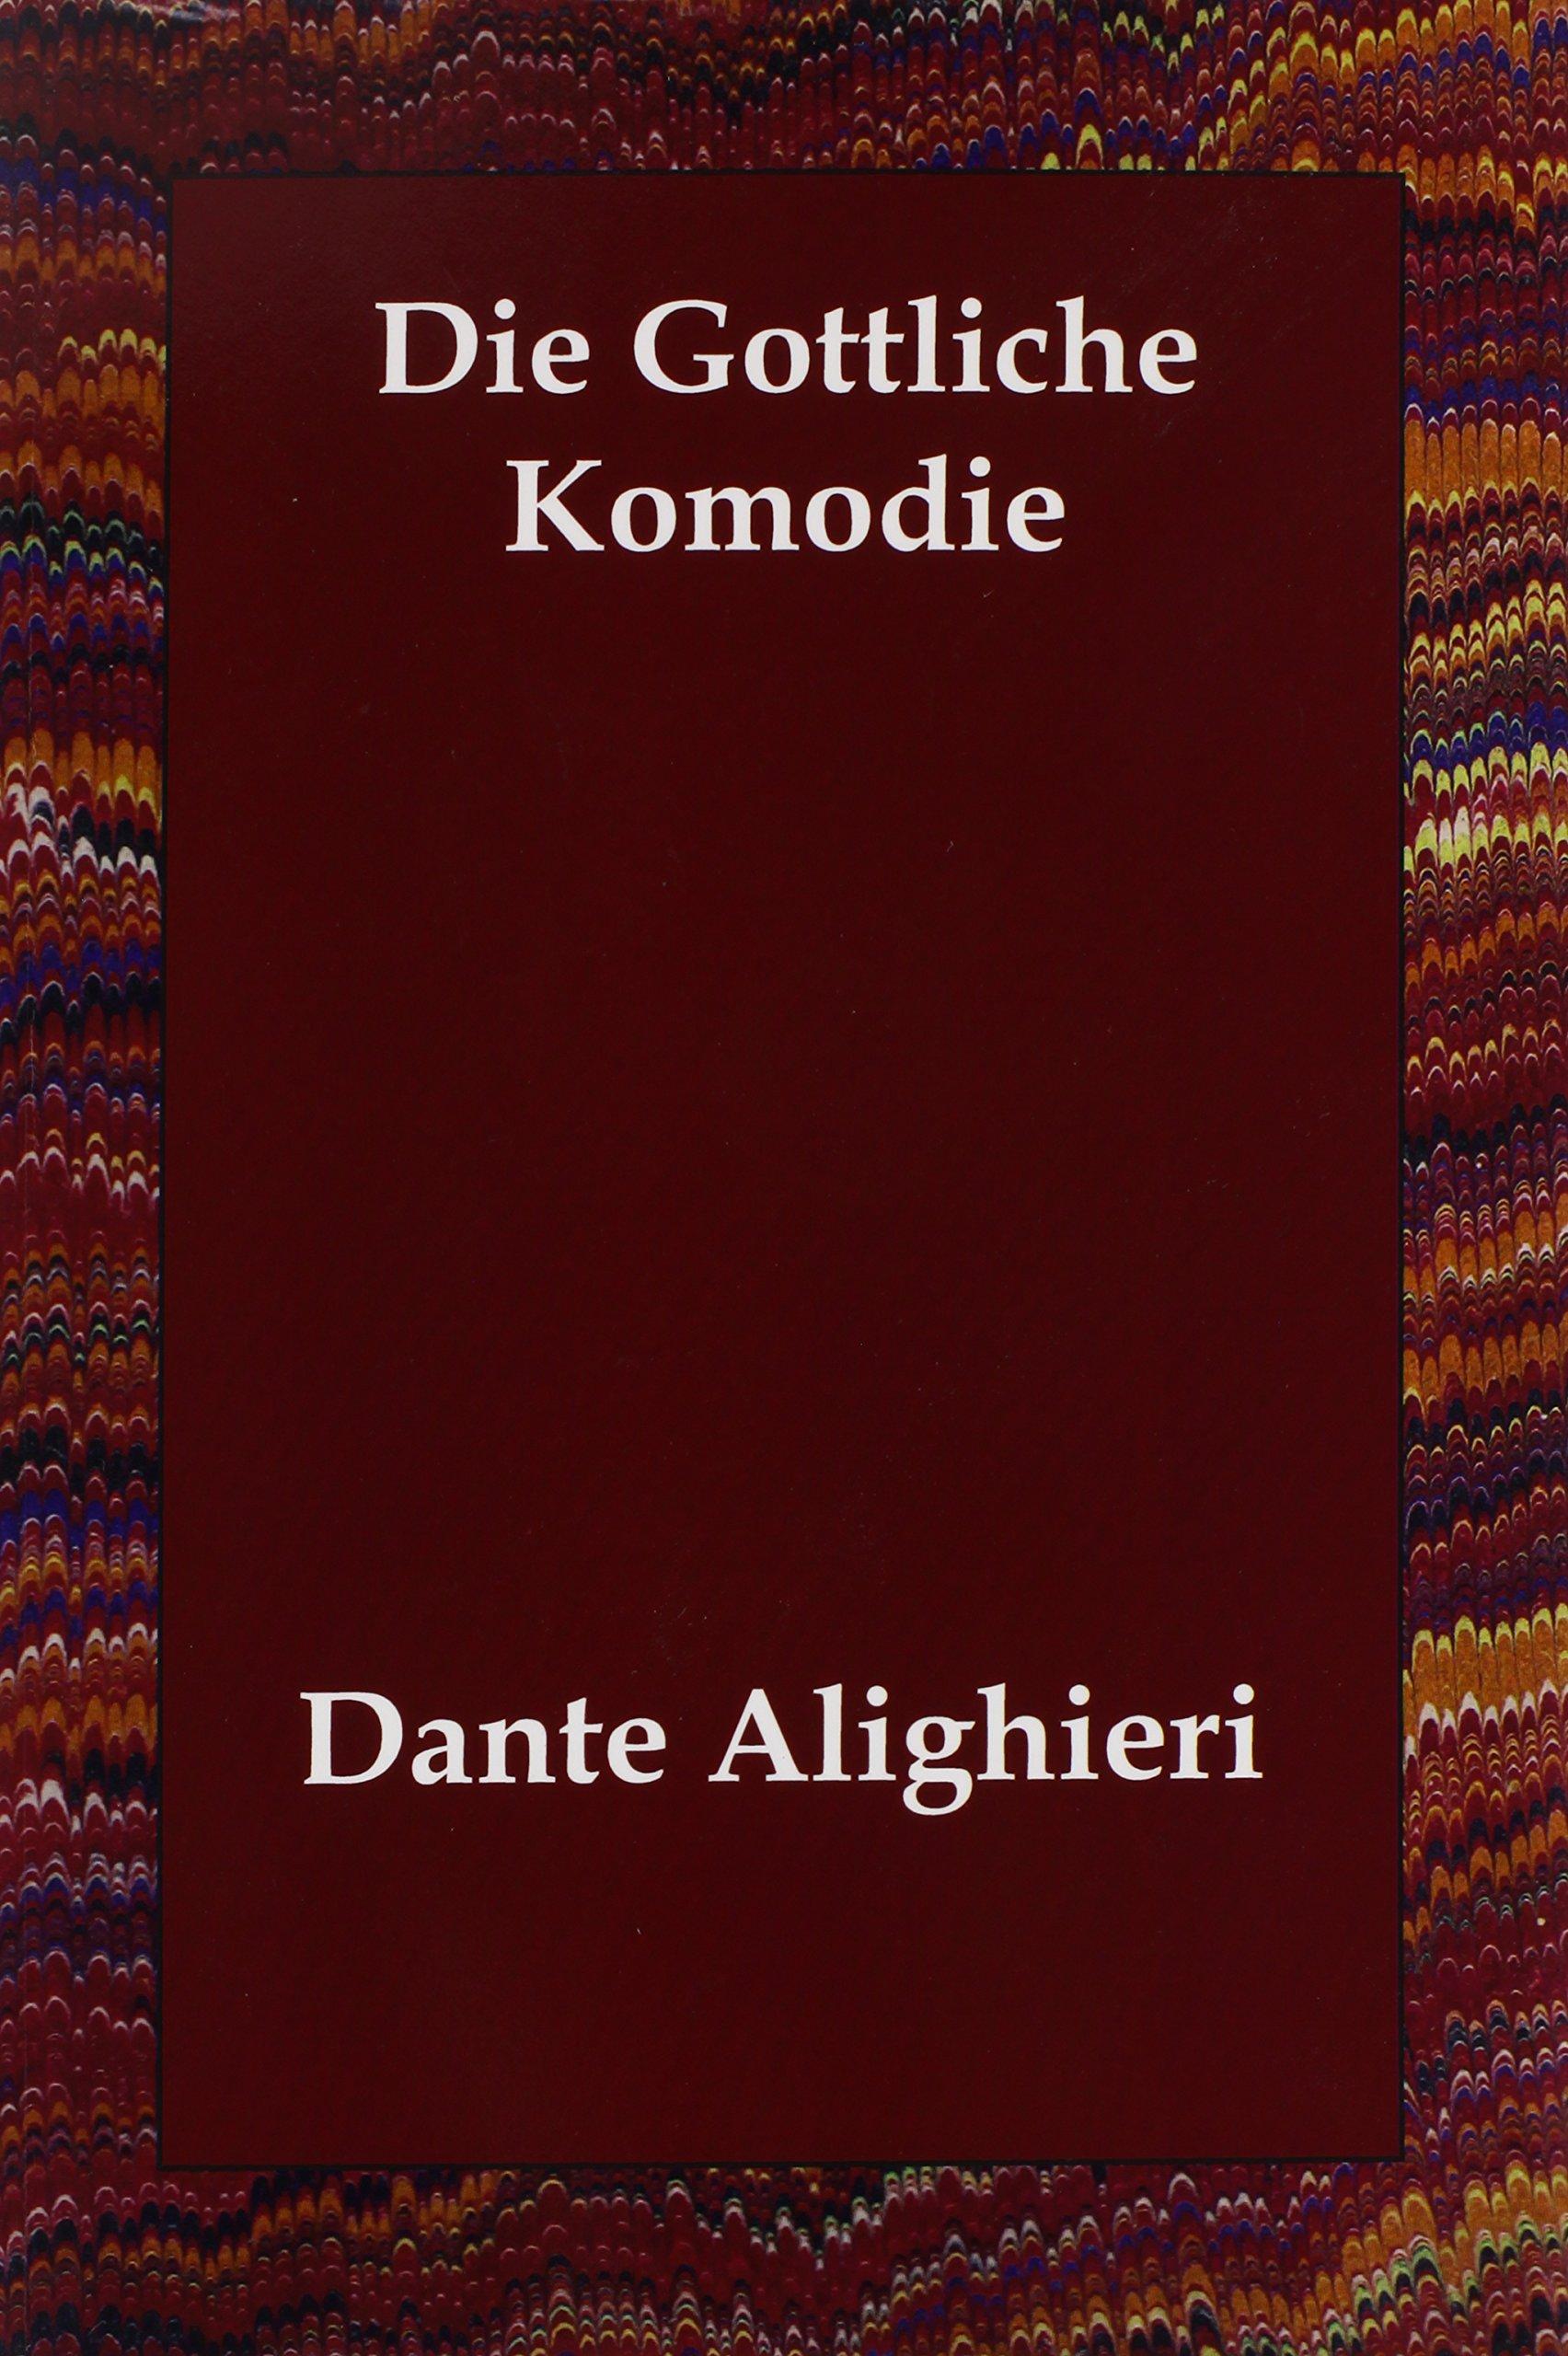 Download Die Gottliche Komodie (German Edition) ebook